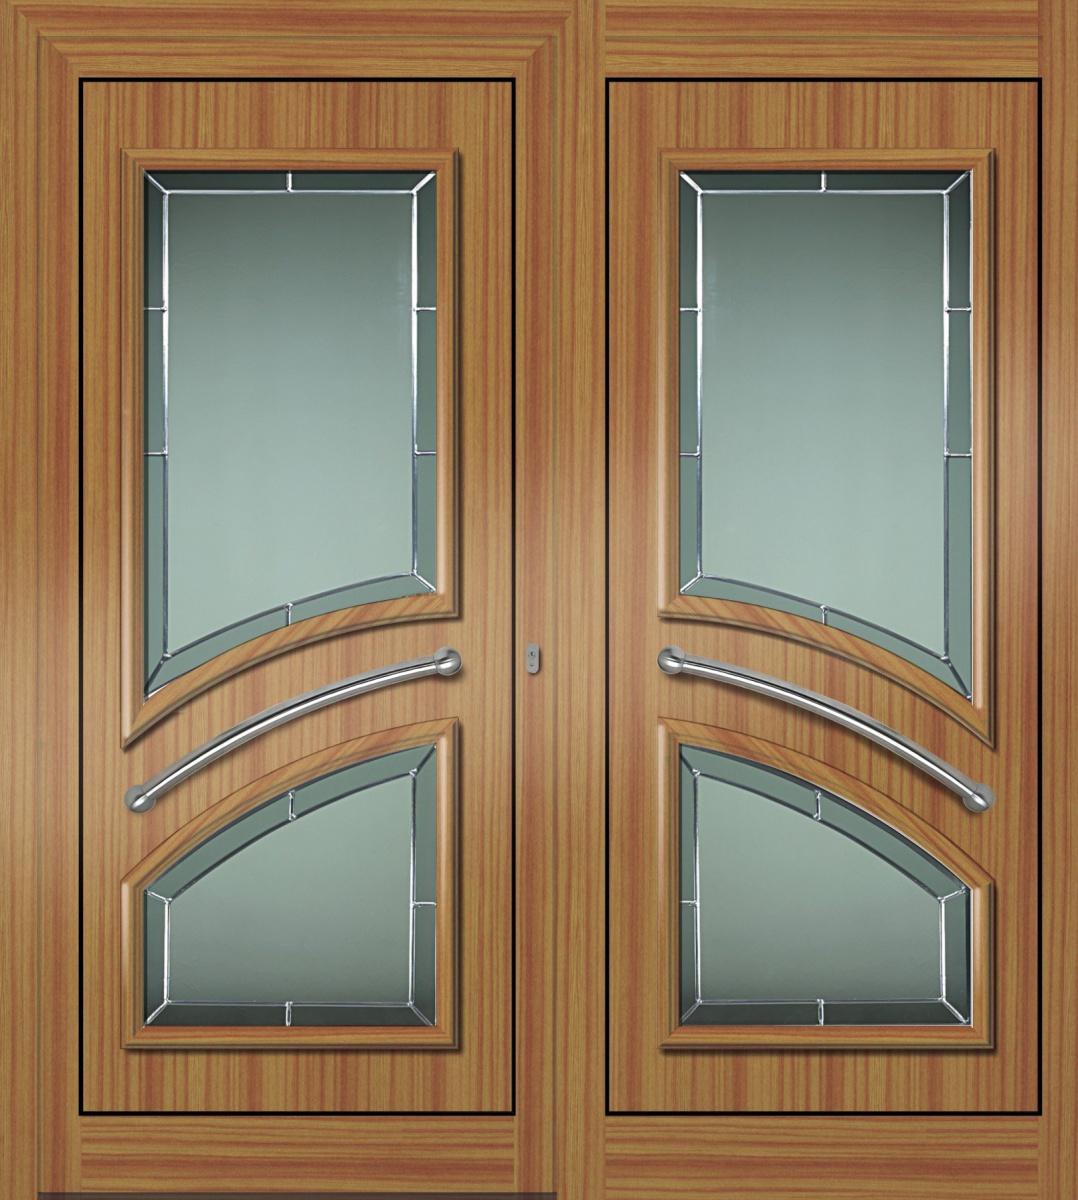 Portes d 39 entr e mod les panneaux classiques trendel for Modele de fenetre pvc